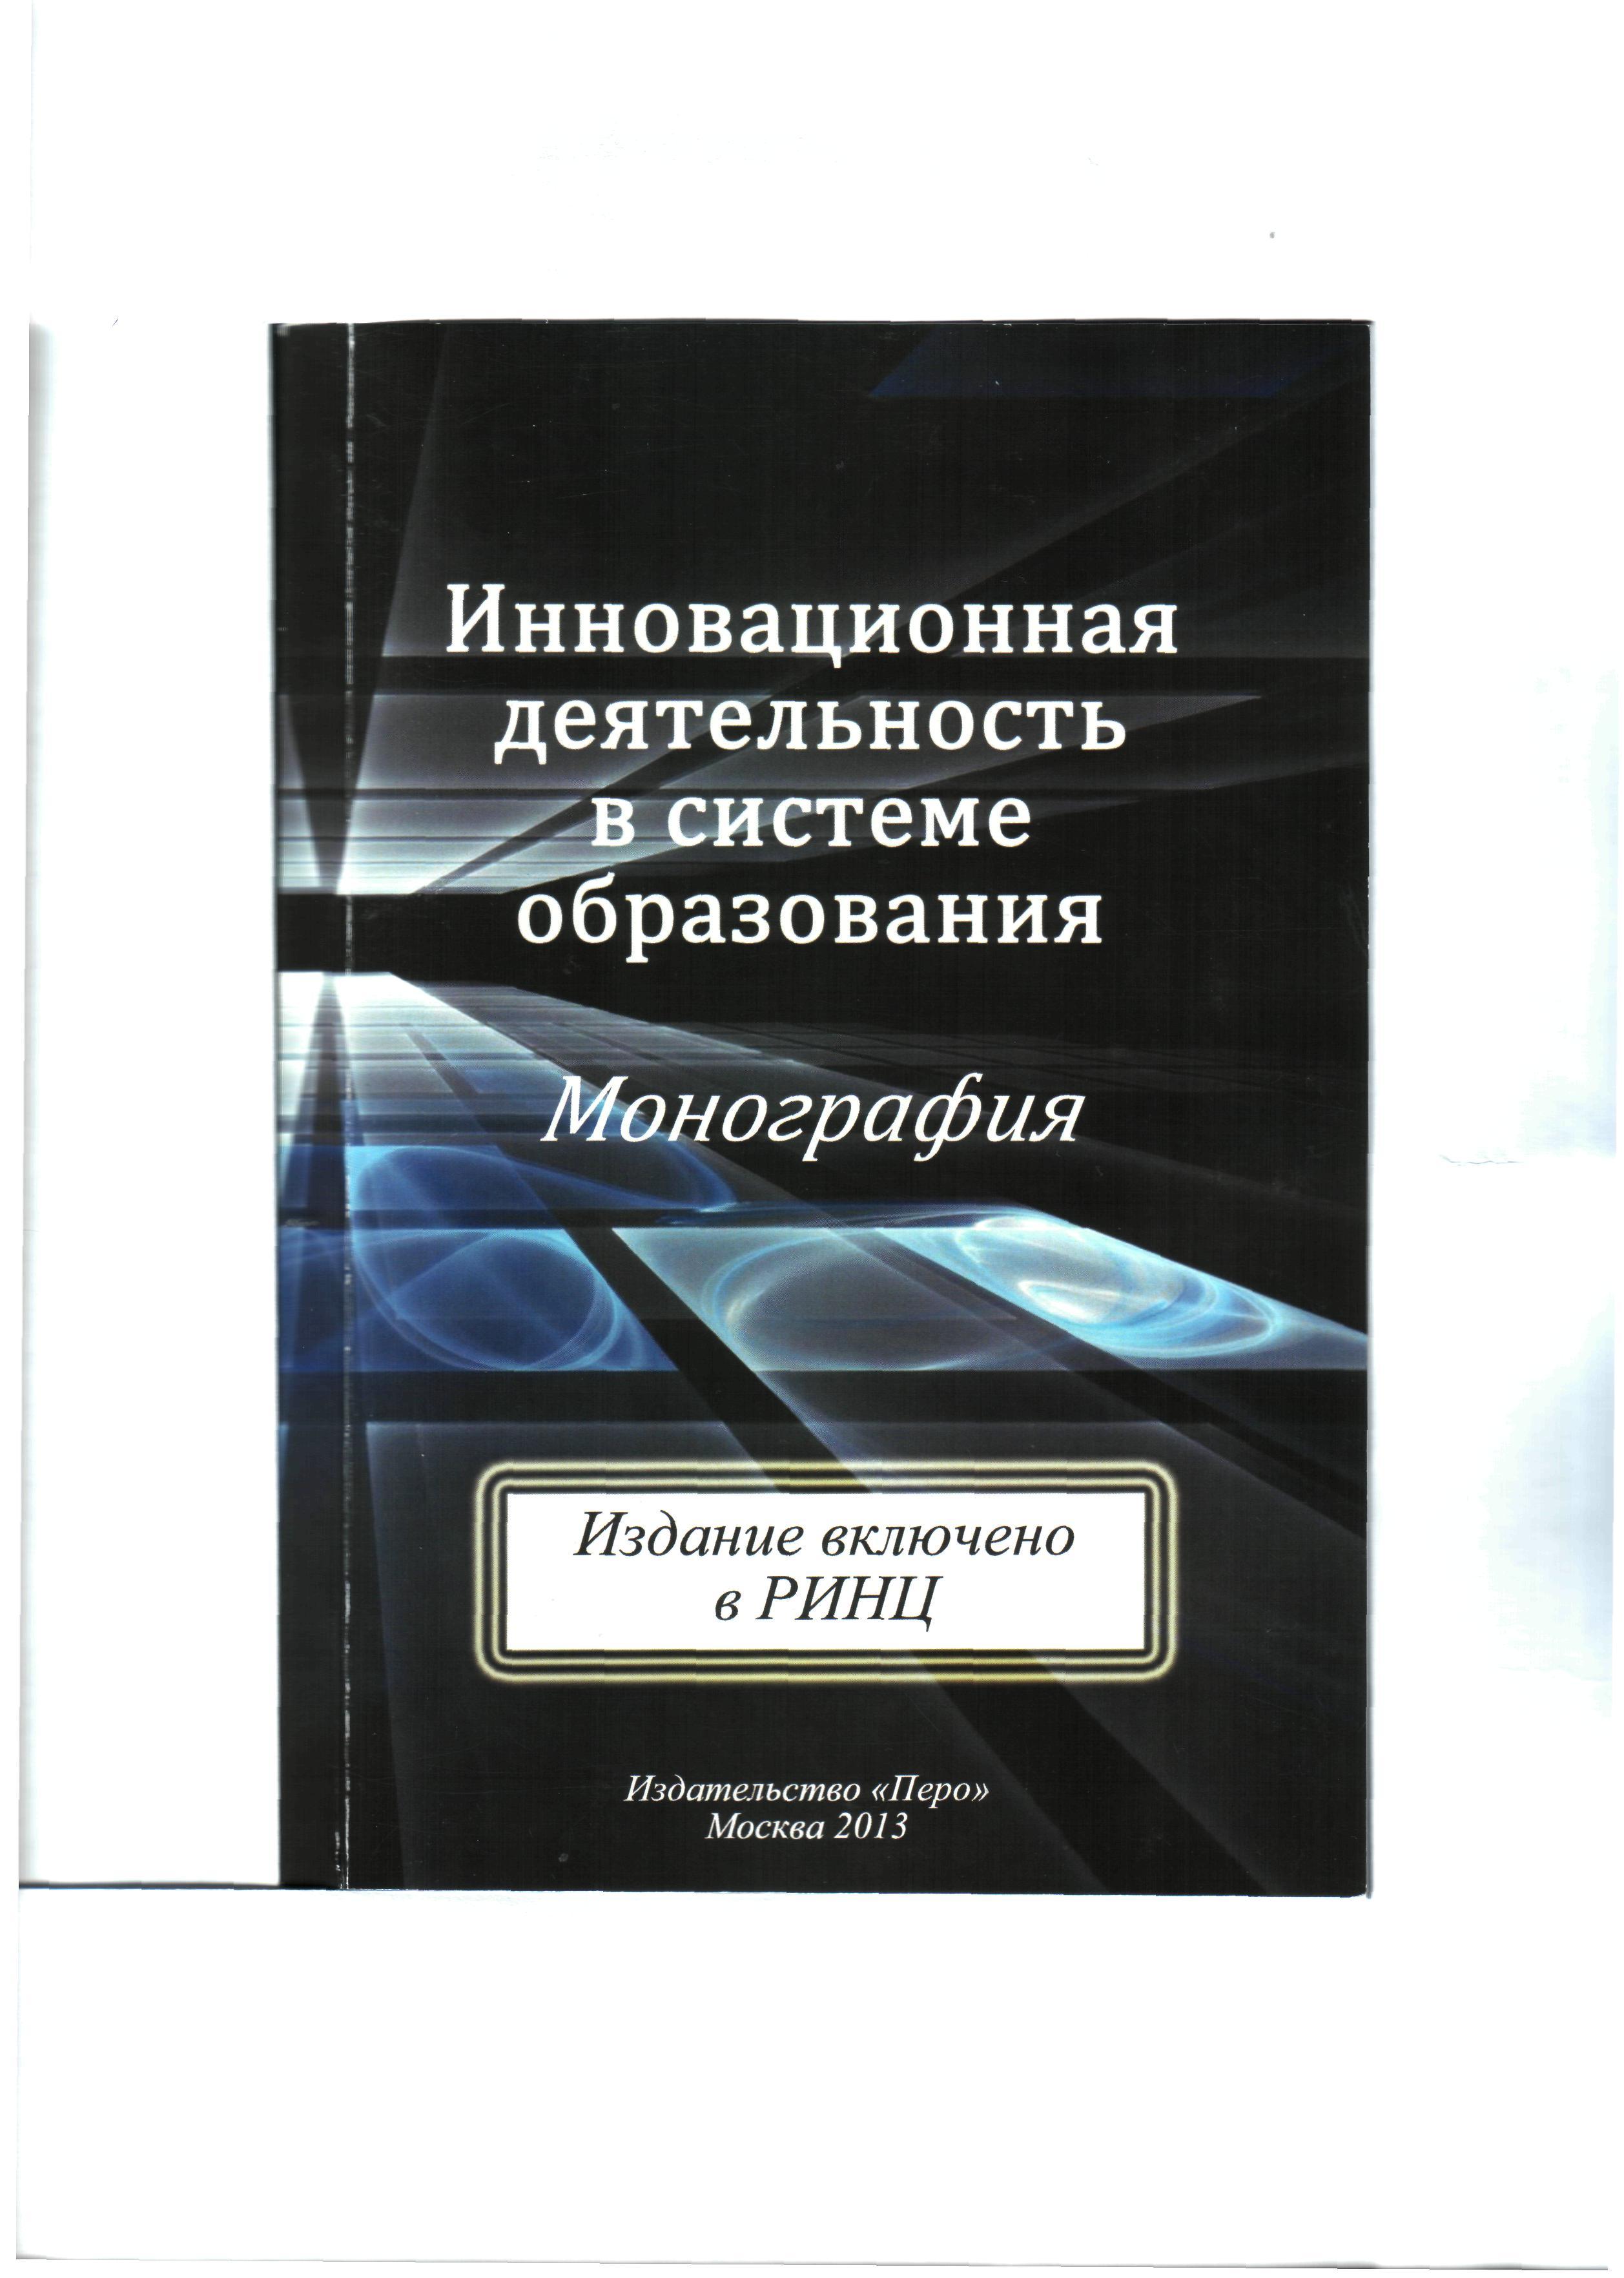 Переводческая деятельность как детерминант коммуникативной компетенции переводчика